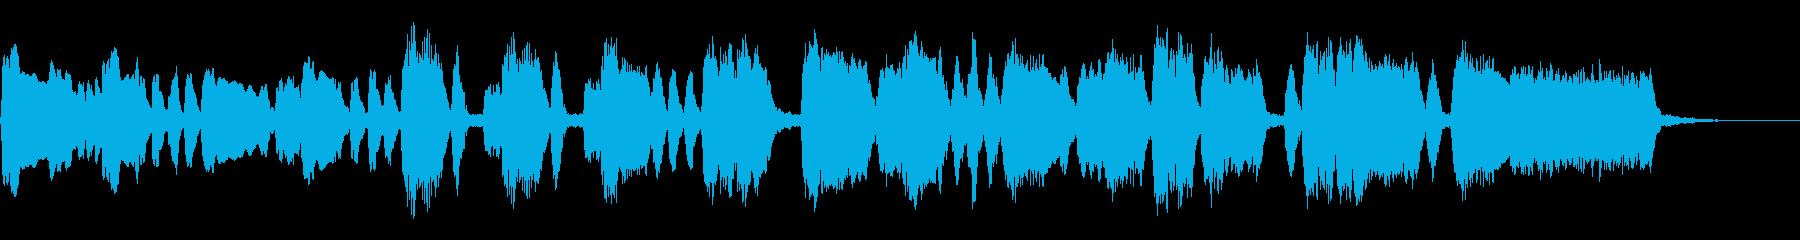 シンプルなオープニングファンファーレの再生済みの波形